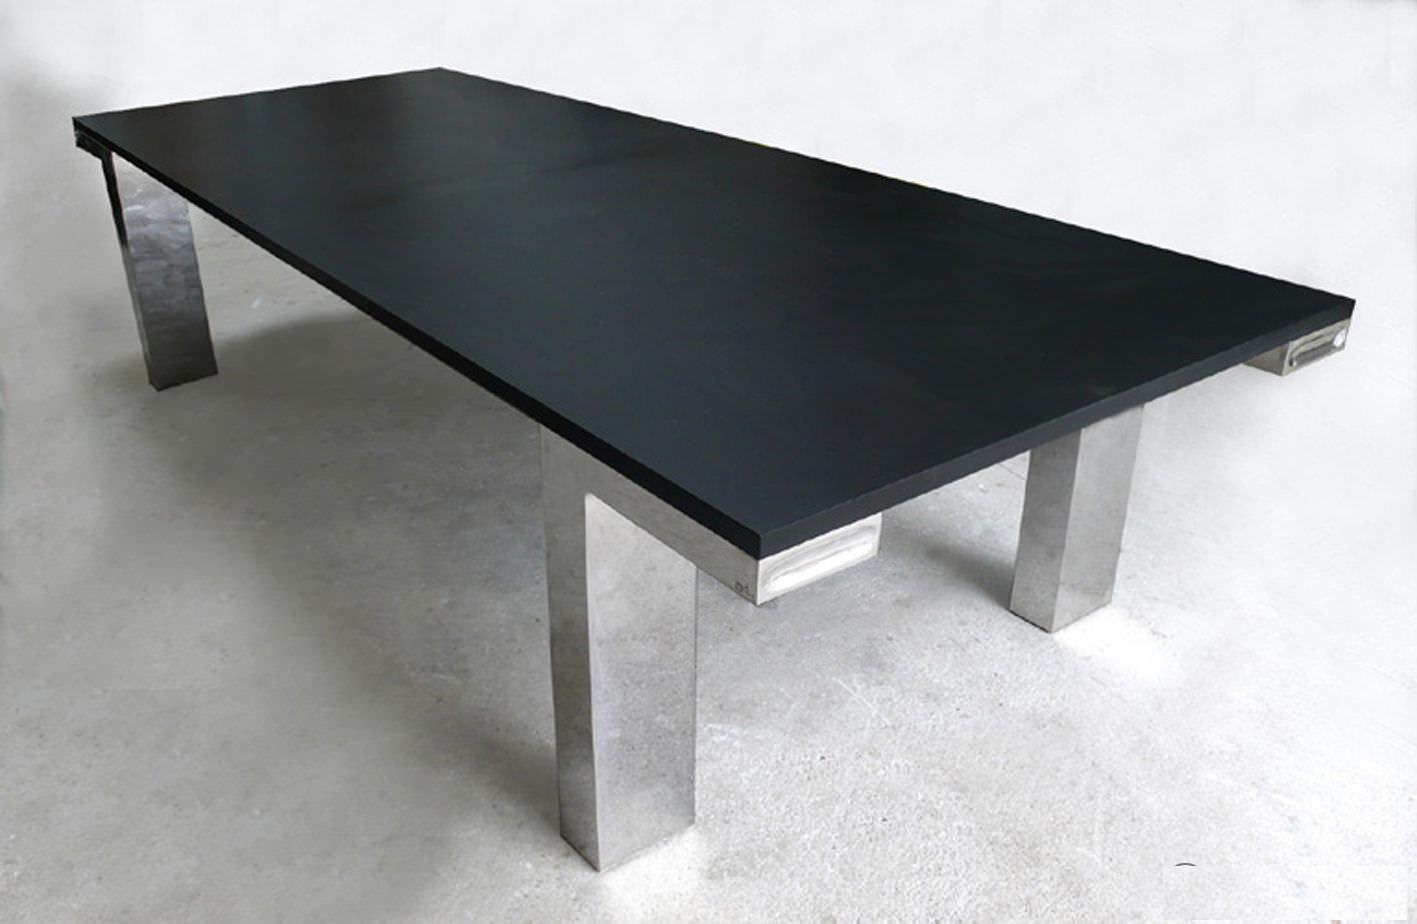 Plateau De Table En Pierre Naturelle plateau de table en pierre naturelle - .ligthweight stone